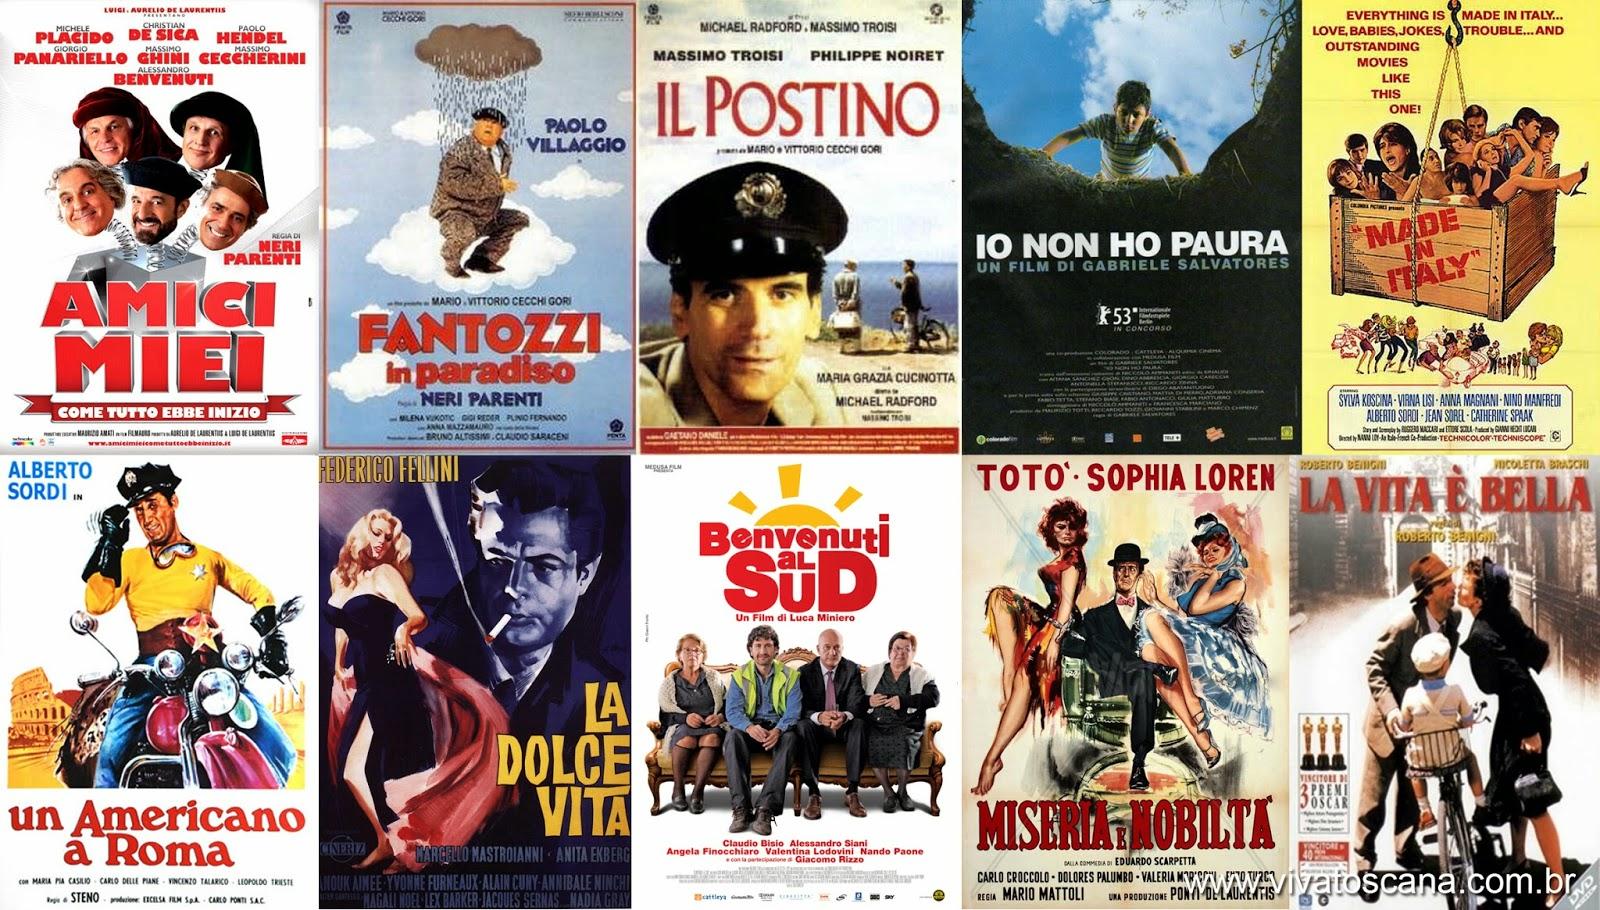 Filmes De Comedia Dos Anos 80 regarding 10 filmes italianos imperdíveis | viva toscana